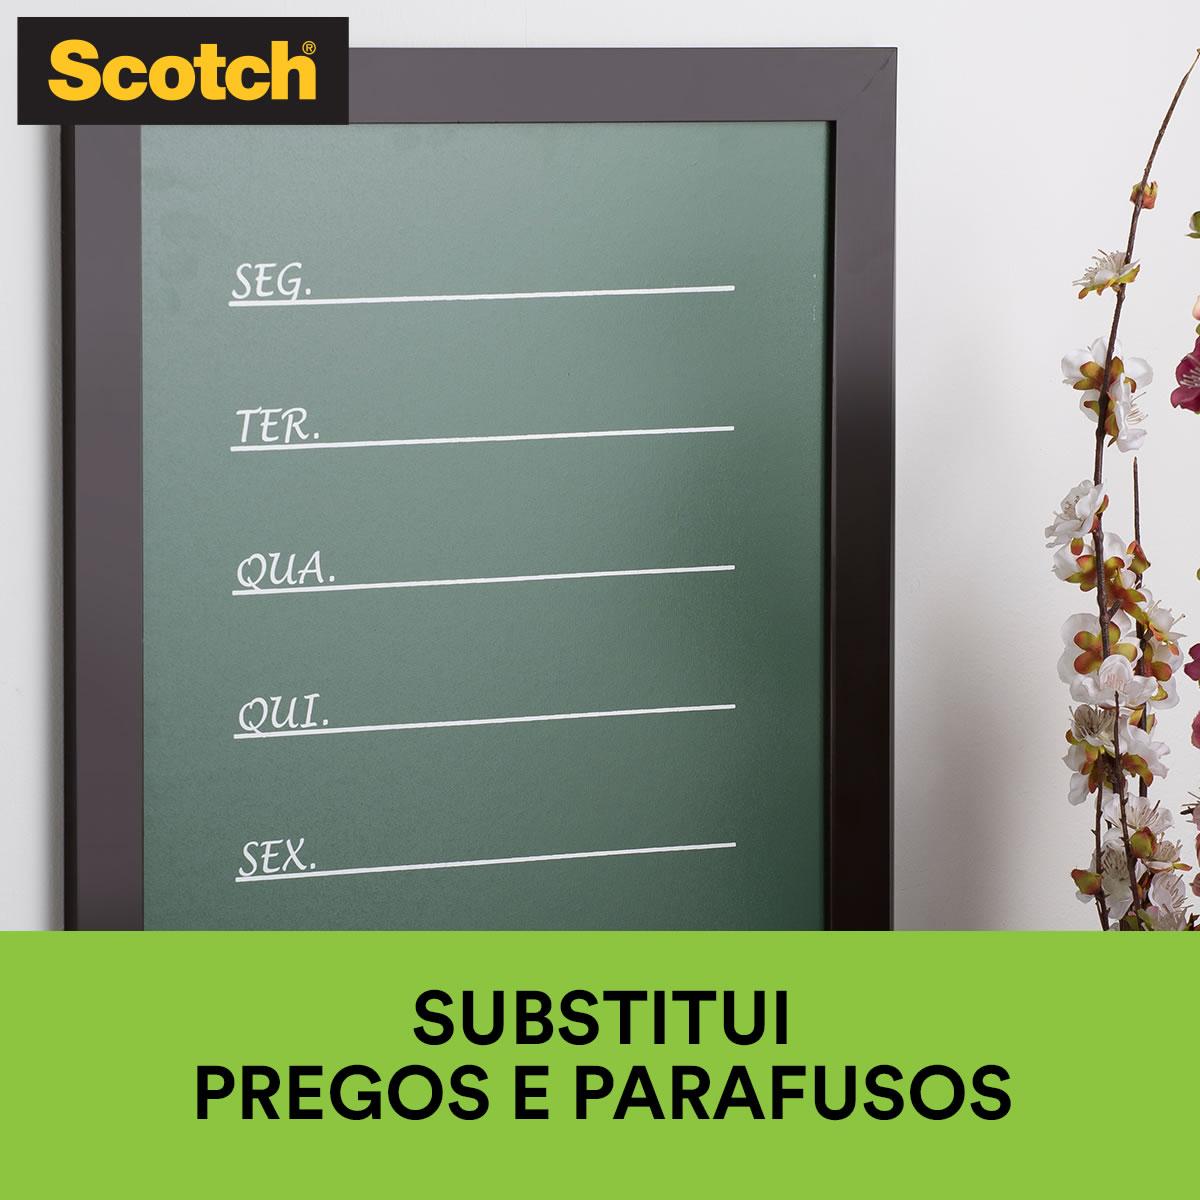 Fita Dupla Face 3M Scotch® Fixa Forte Espuma - Uso Interno - 12 mm x 1,5 m 10149